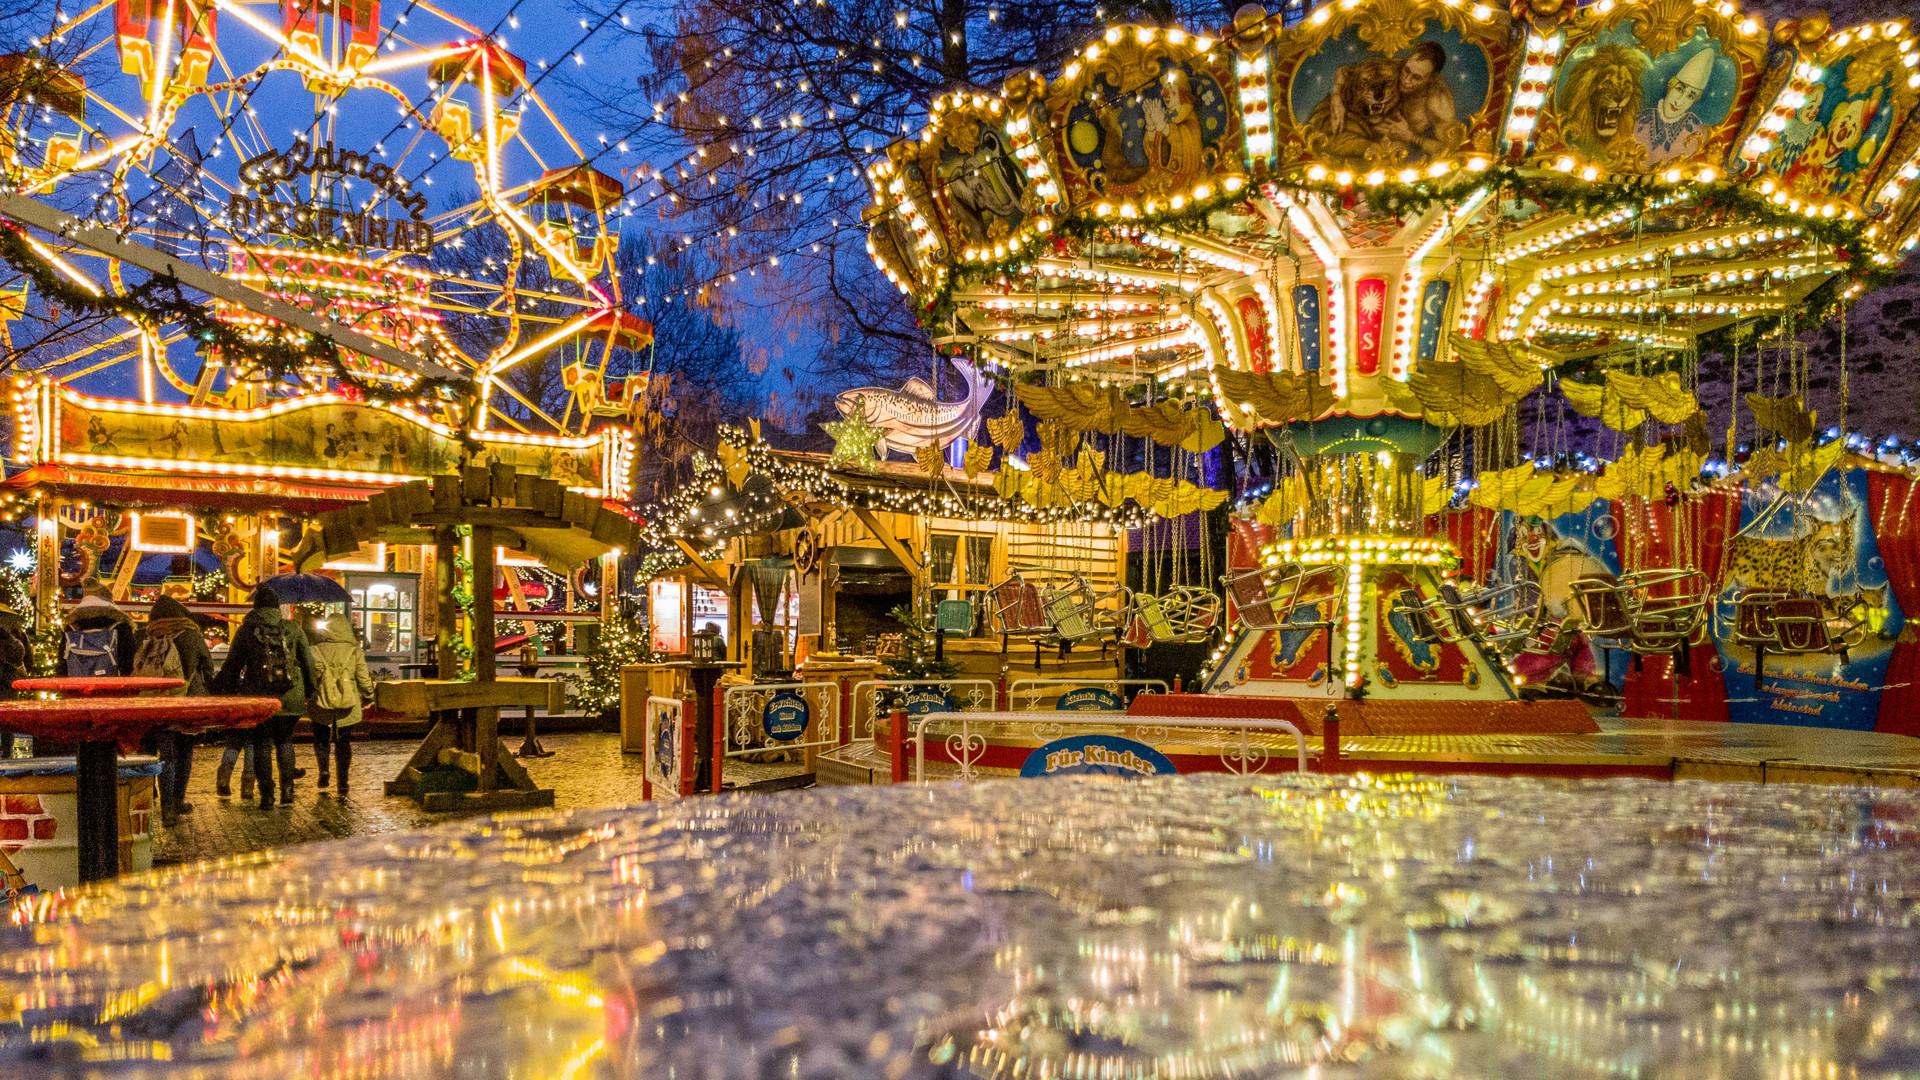 Bielefelder Weihnachtsmarkt.Weihnachtsmarkt In Bielefeld Foto Bild Weihnachtsmarkt